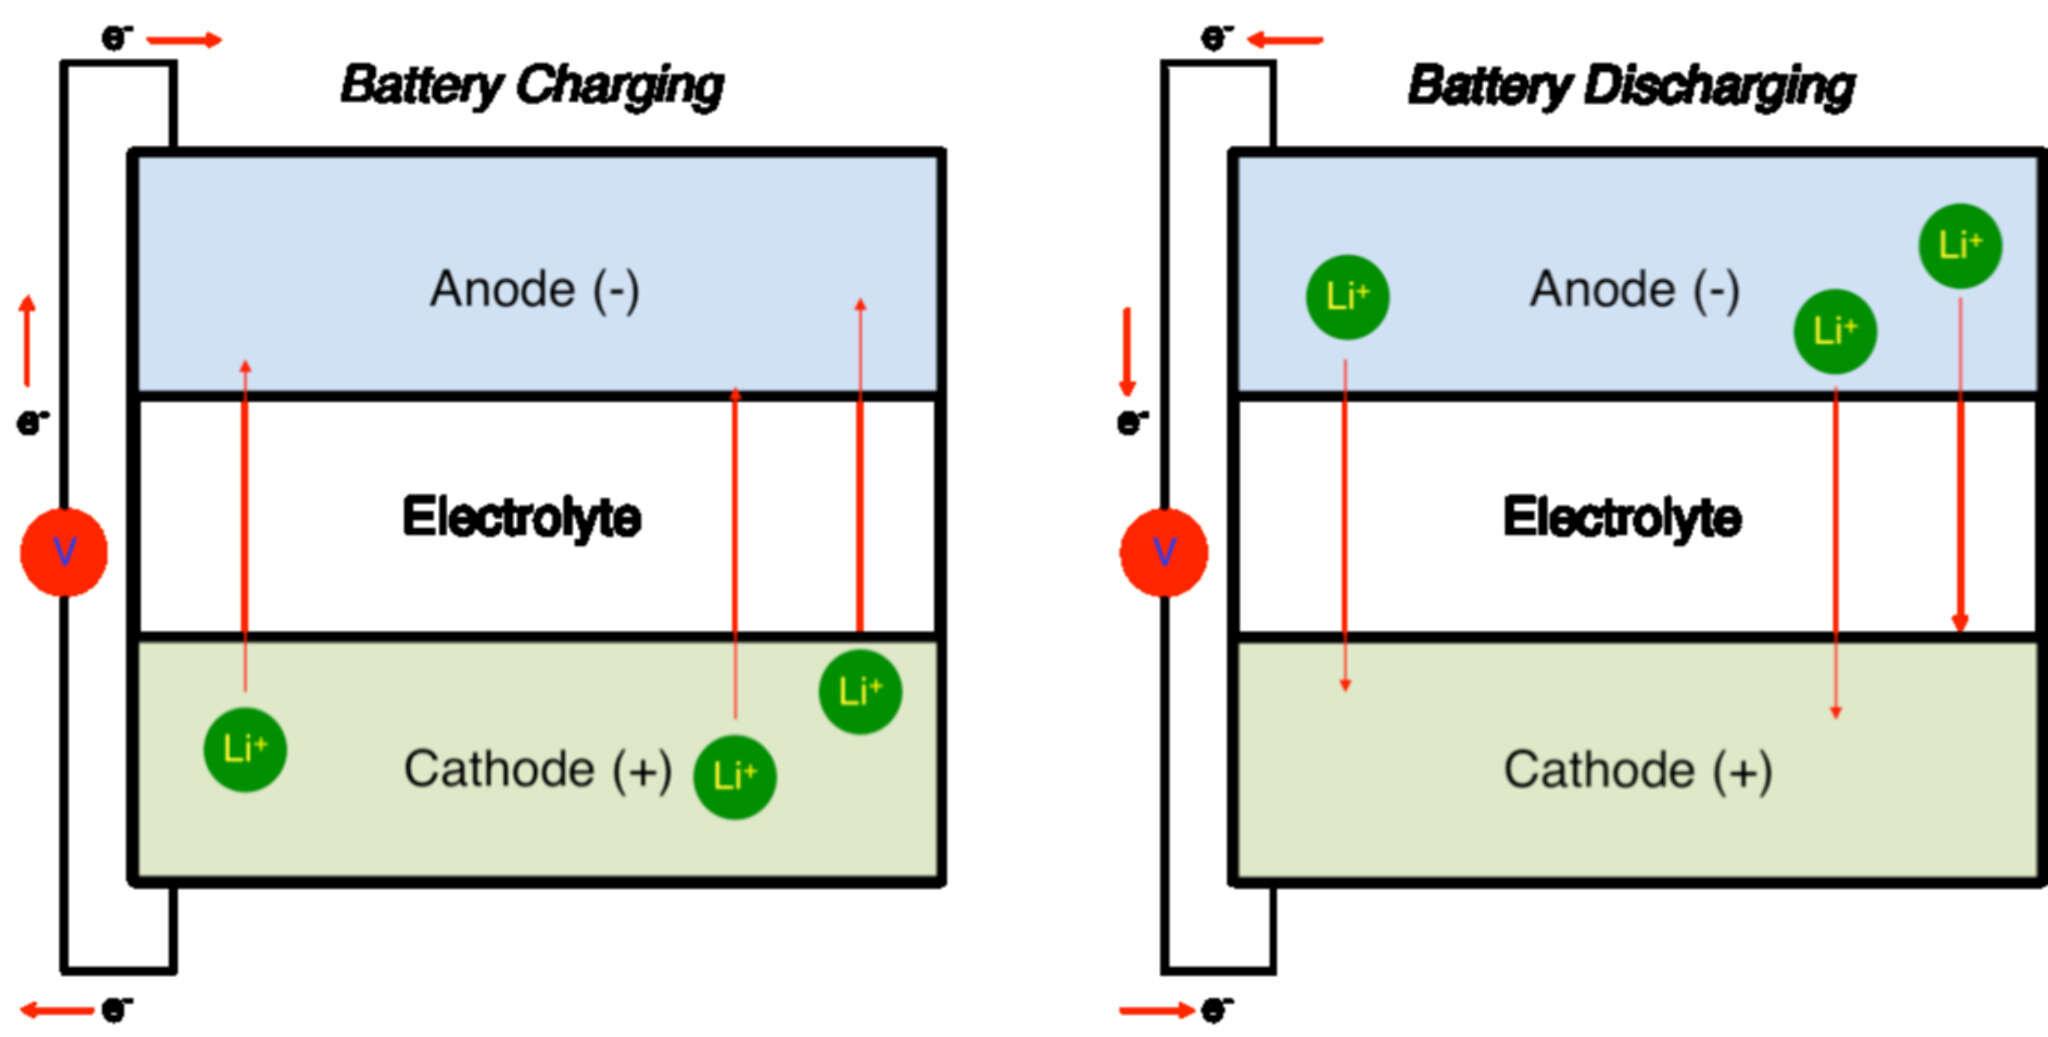 Cấu tạo pin Lithium ion chỉ bao gồm 3 thành phần cơ bản